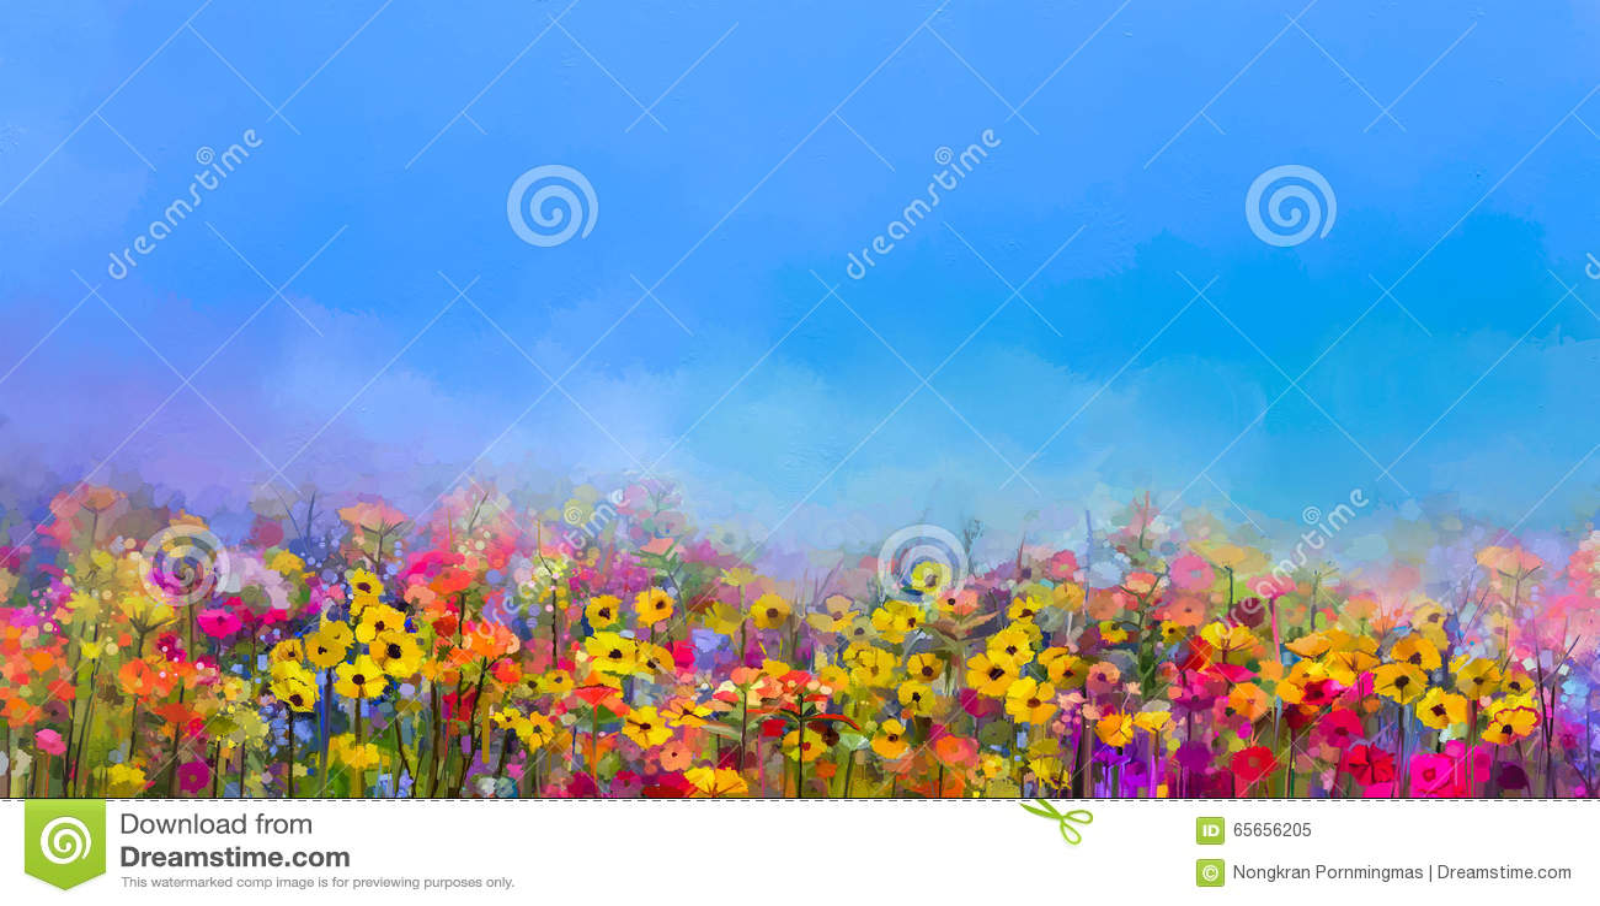 Ölgemälde von Sommerfrühlingsblumen Kornblume, Gänseblümchenblume